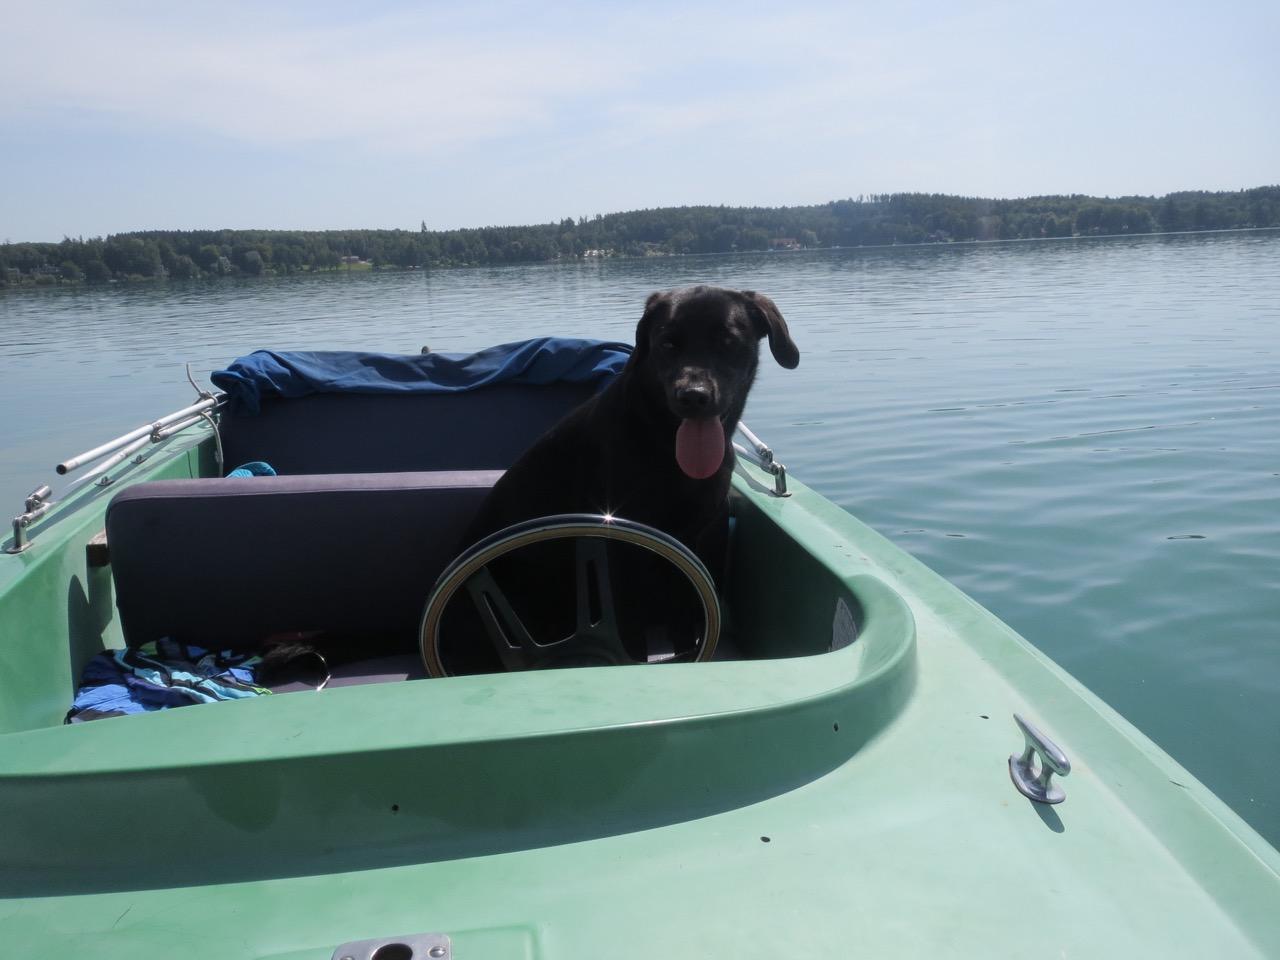 Hund am Steuer auf https://shirley-michaela-seul.de